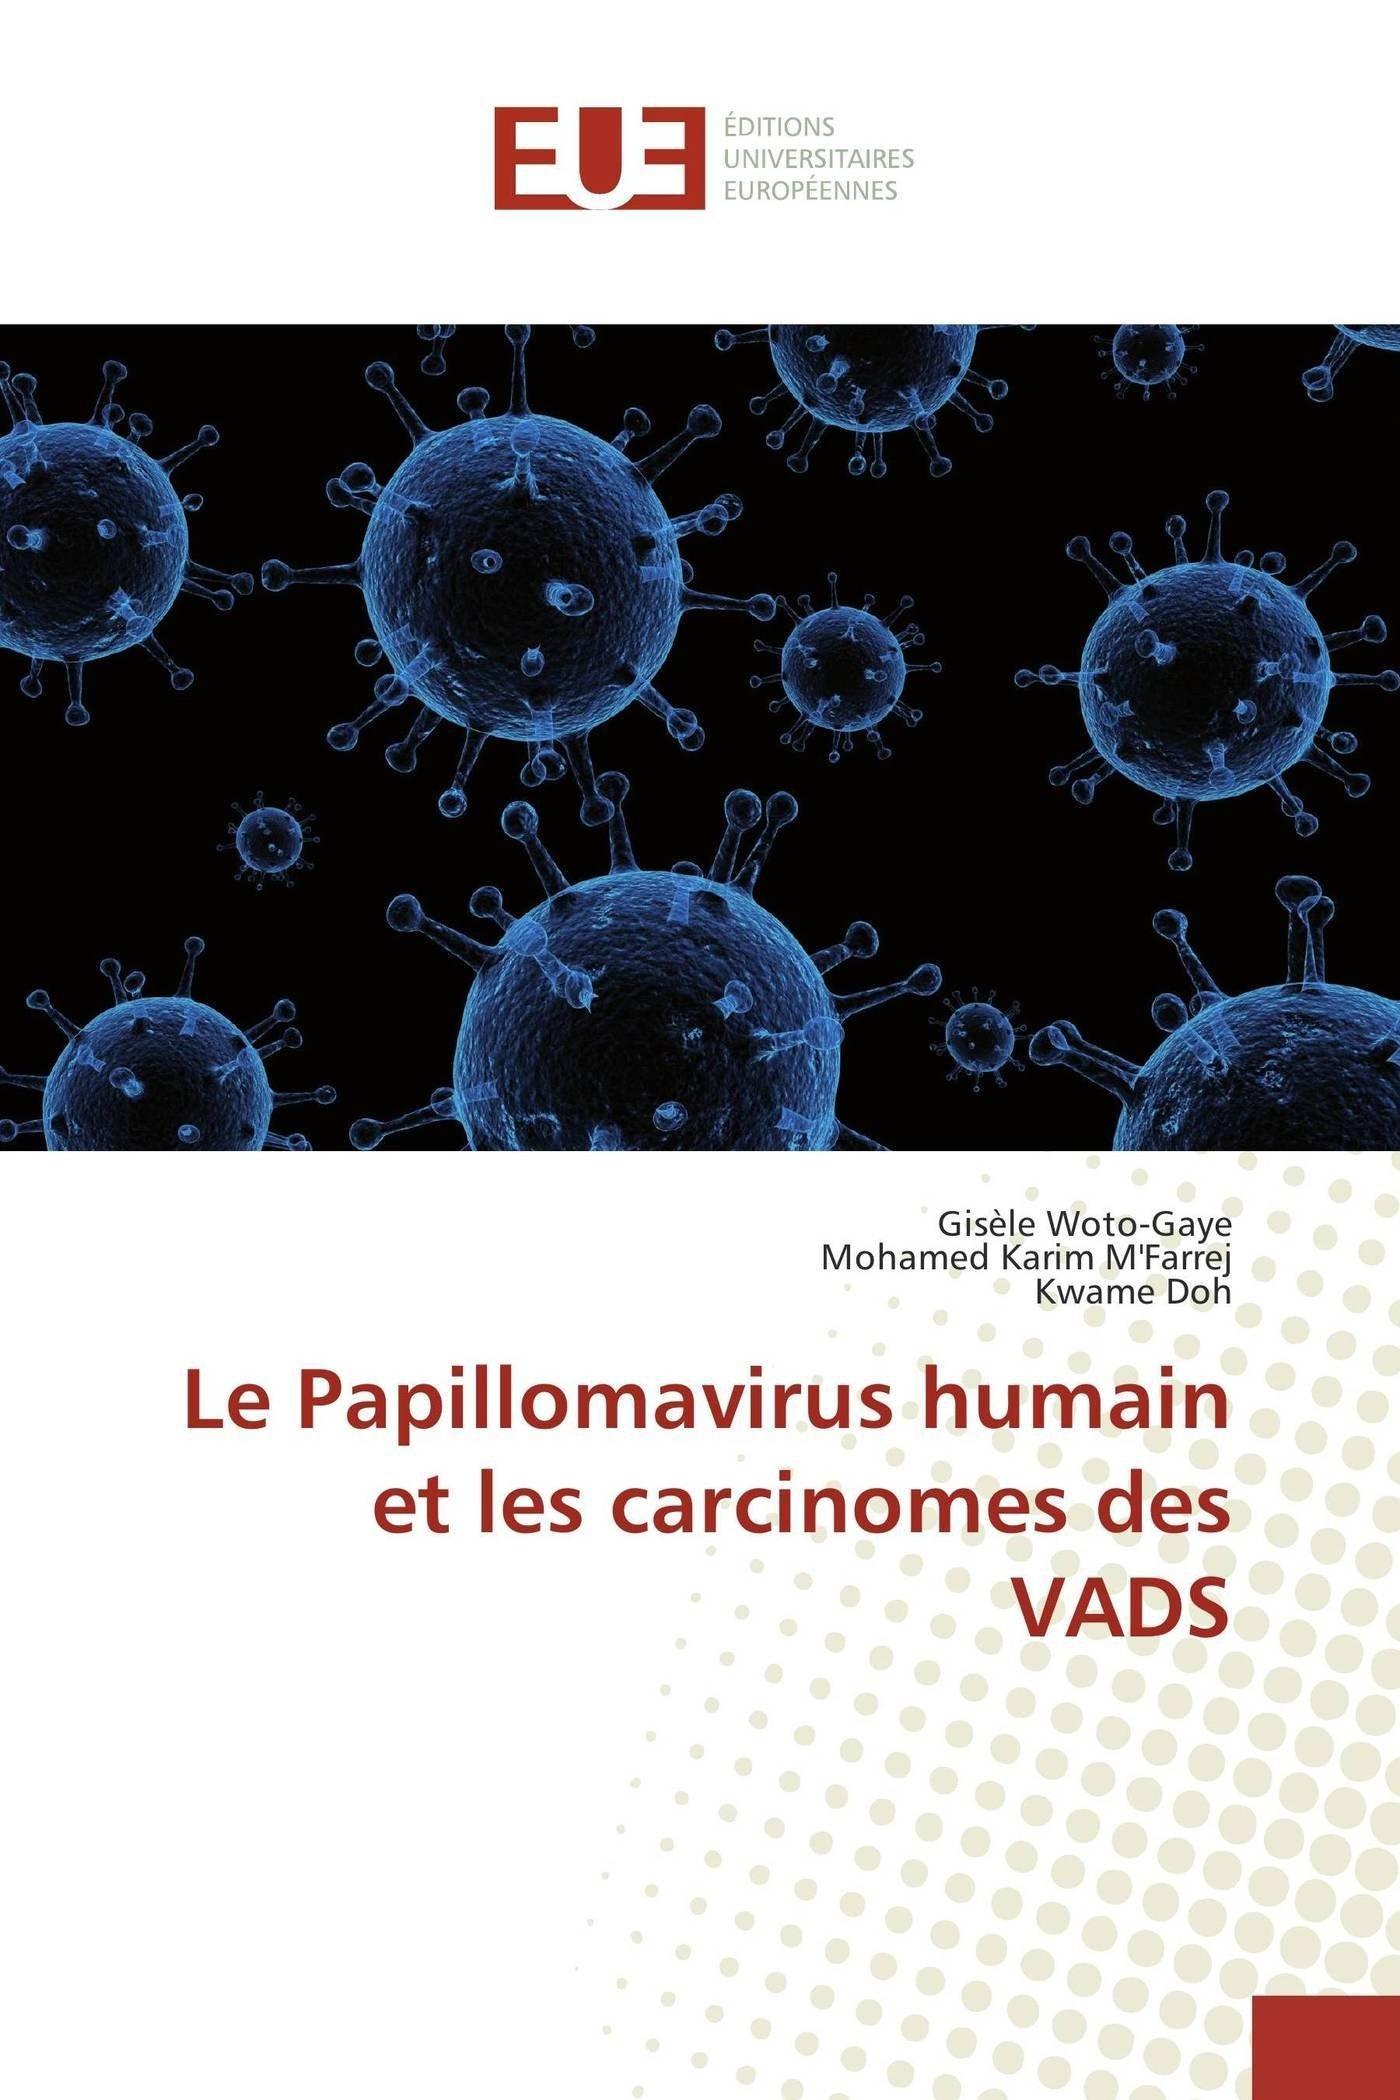 Papillomavirus humain signes - csrb.ro